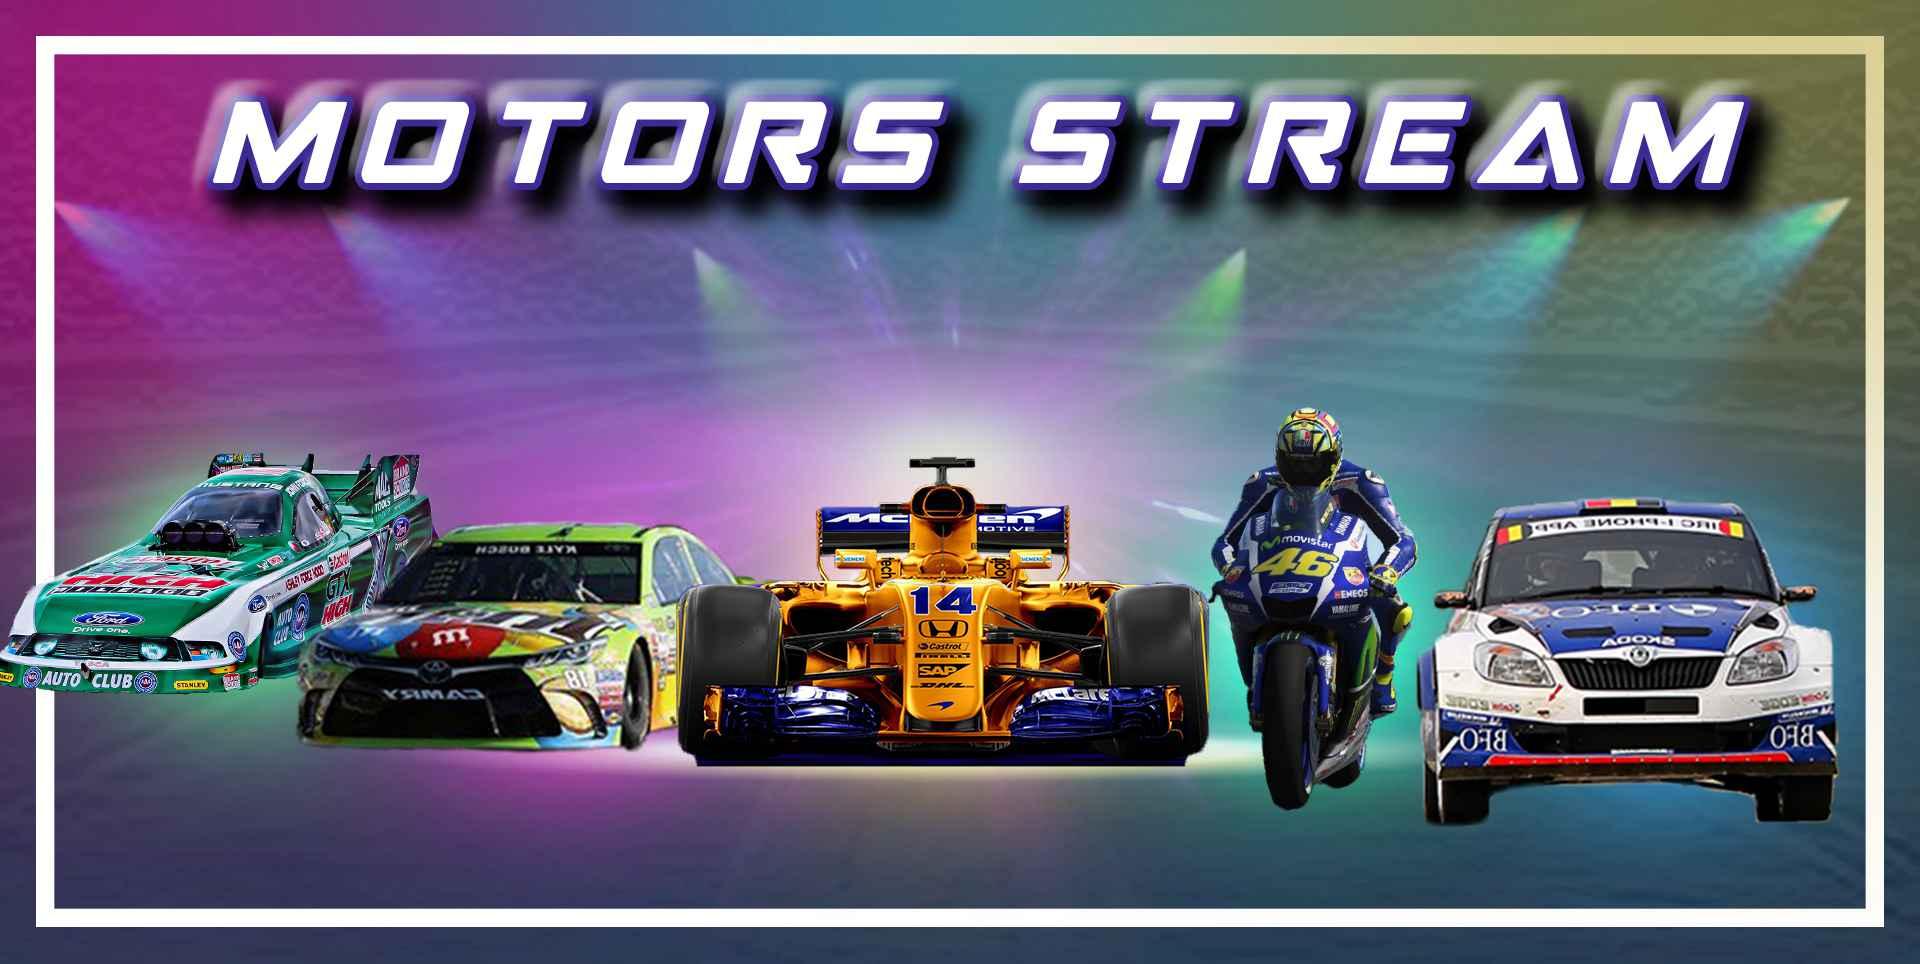 Live Singapore F1 Grand Prix